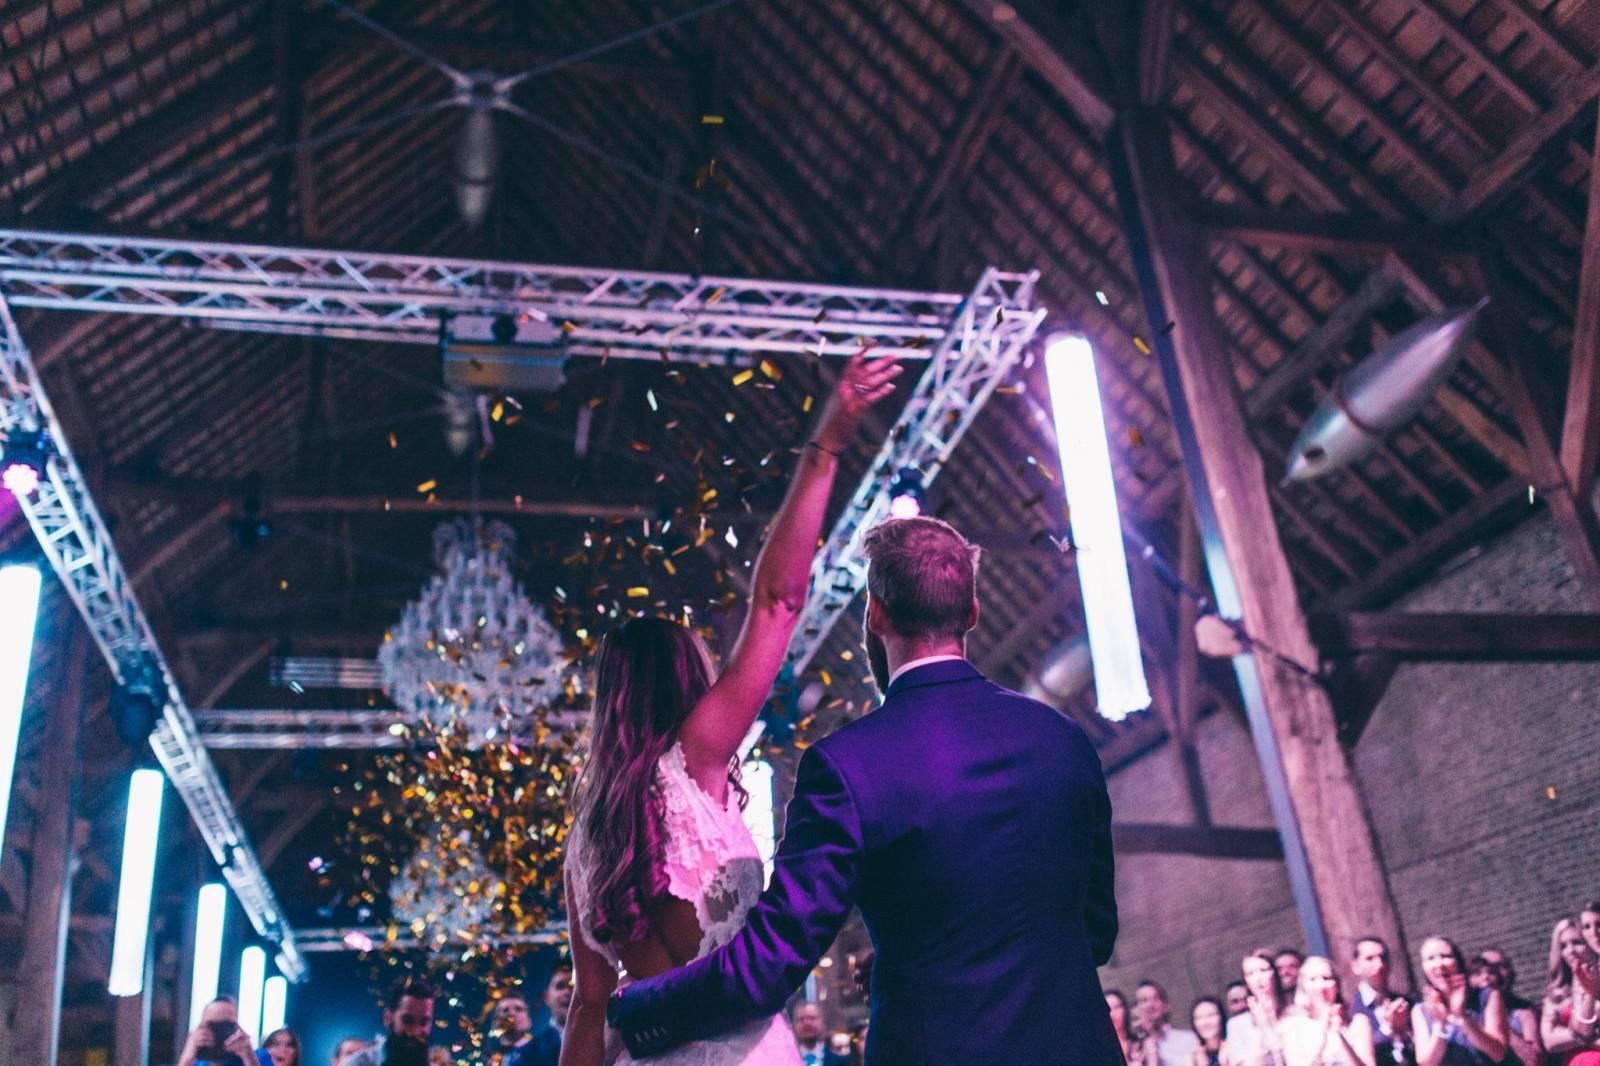 Tiendschuur - Feestzaal Hasselt - House of Weddings - 14